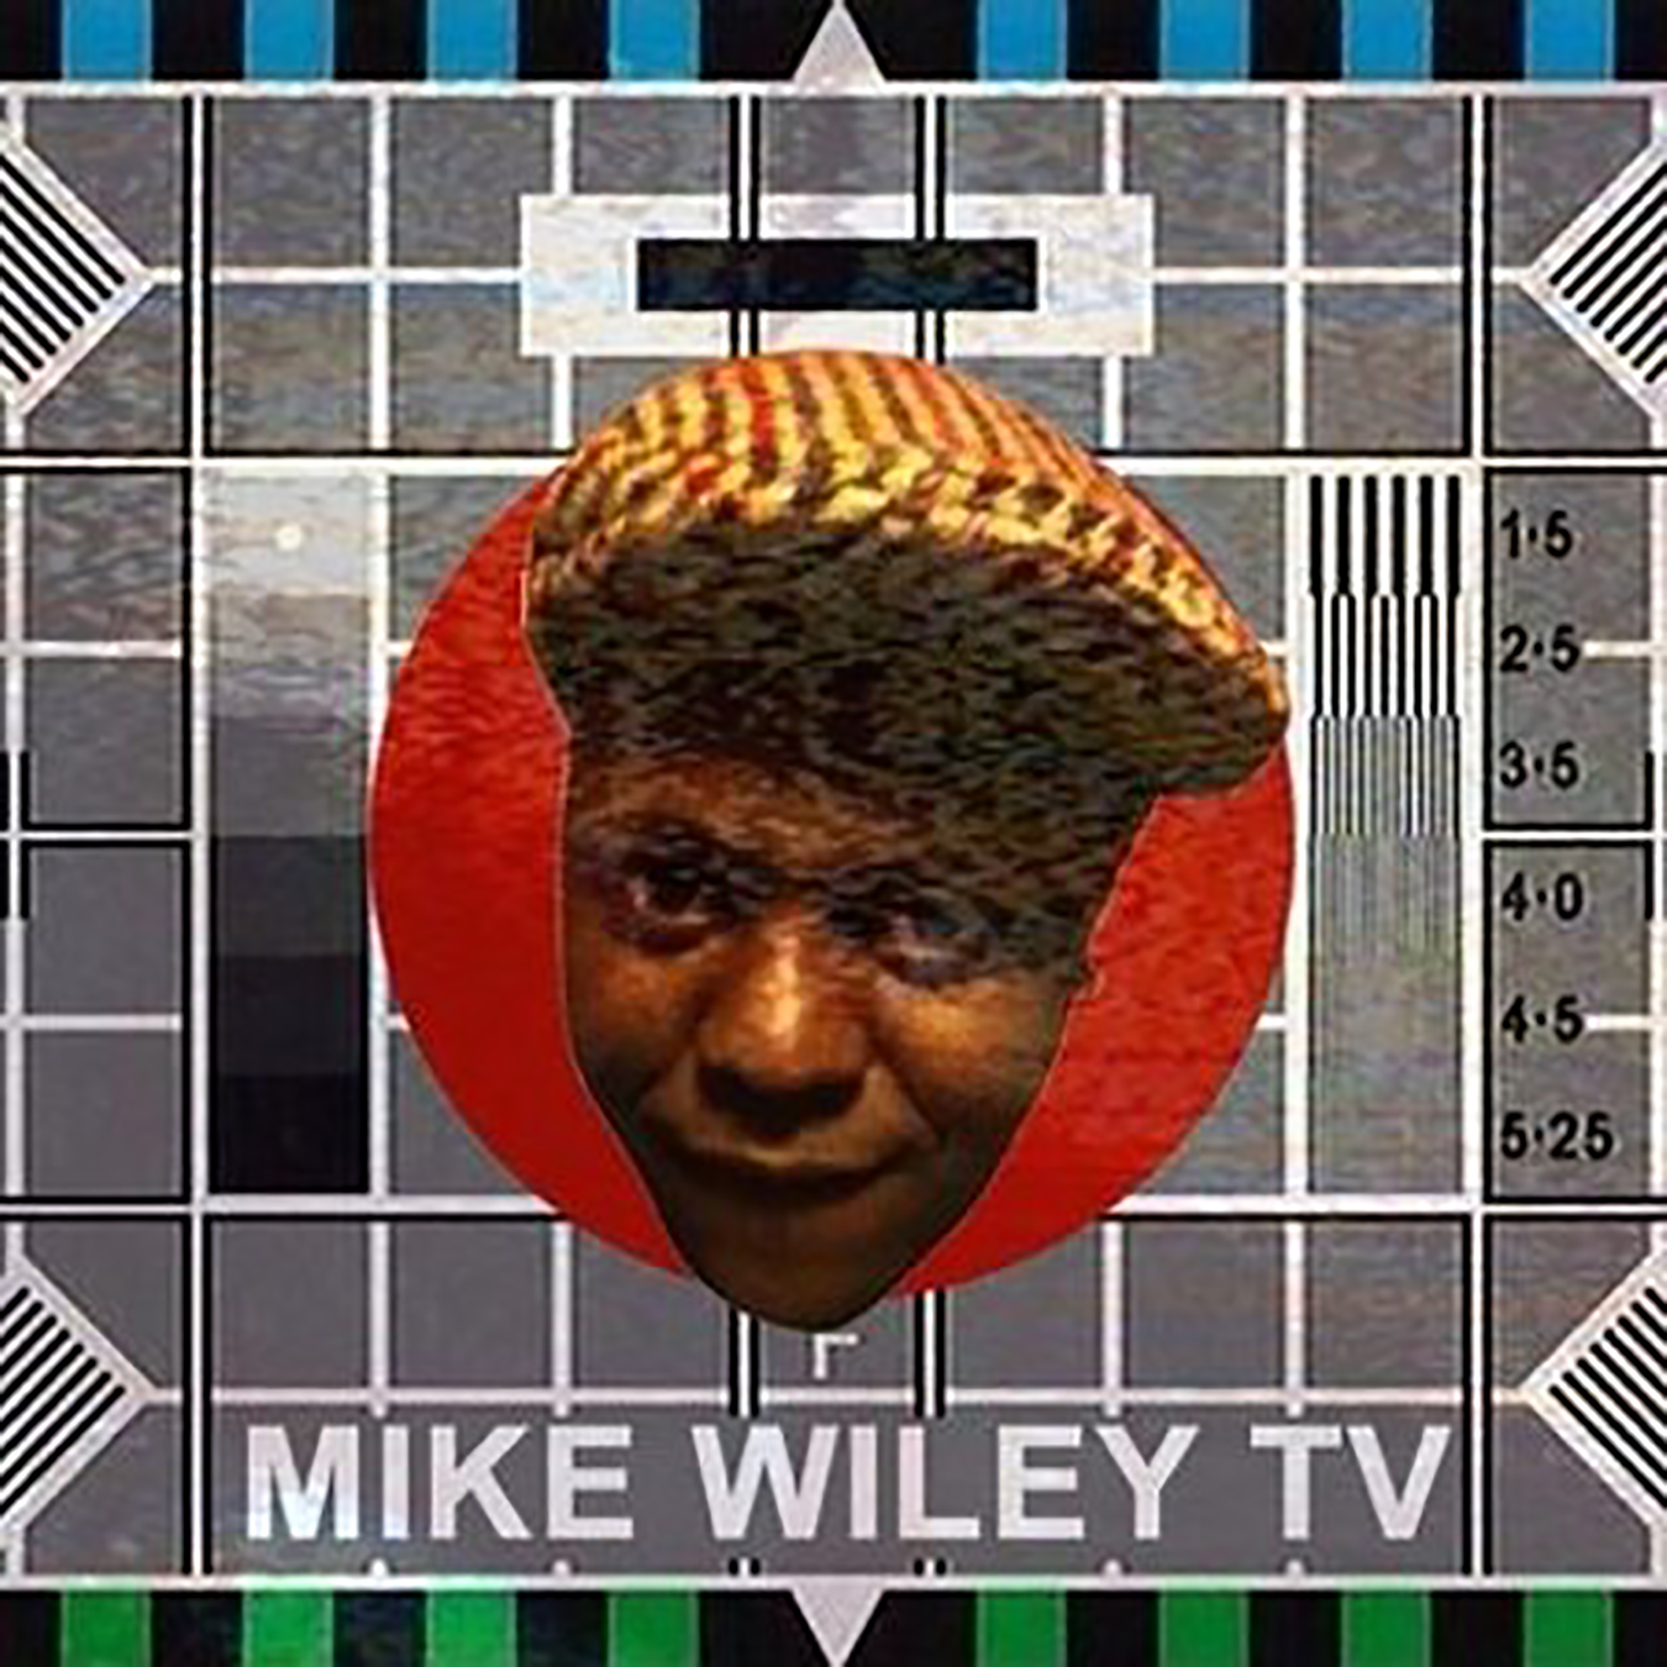 MikeWileyTVLogo.jpg